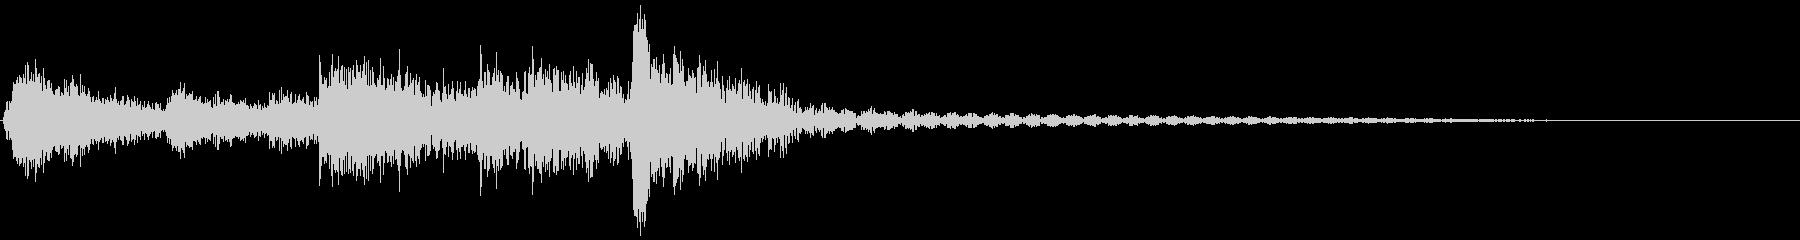 場面転換などにジャズジングル(10)の未再生の波形